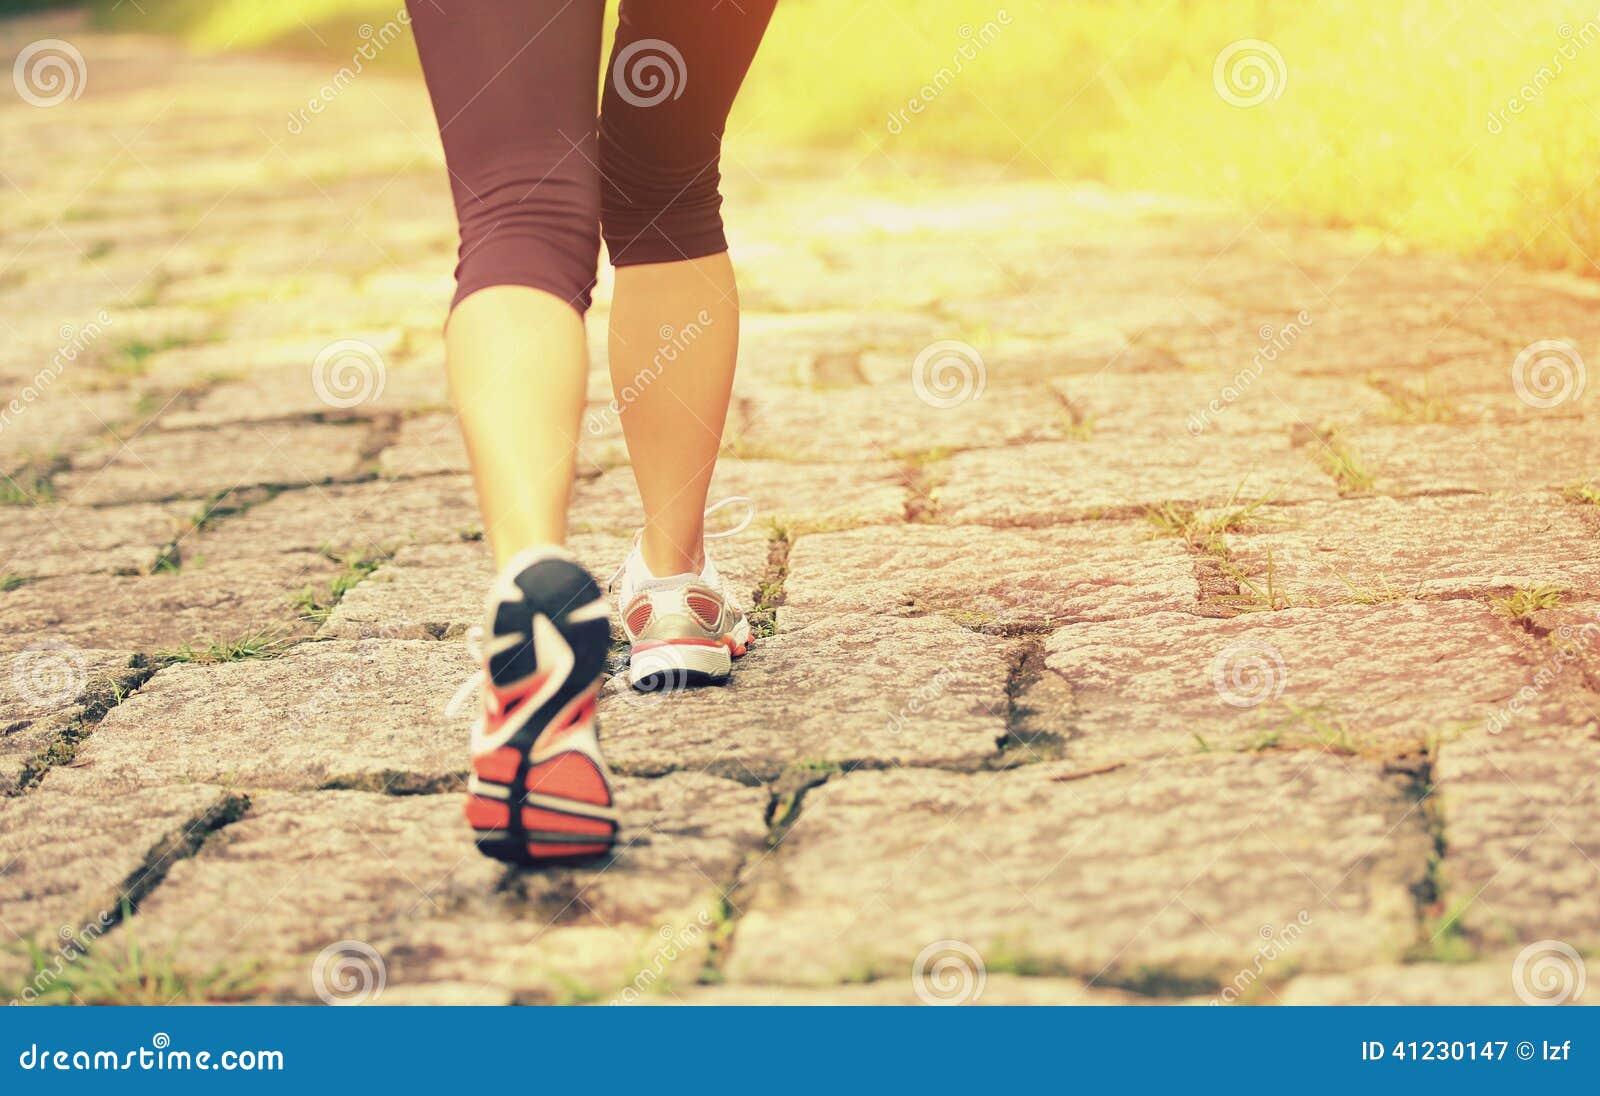 Fuga rural de passeio dos pés do caminhante da jovem mulher